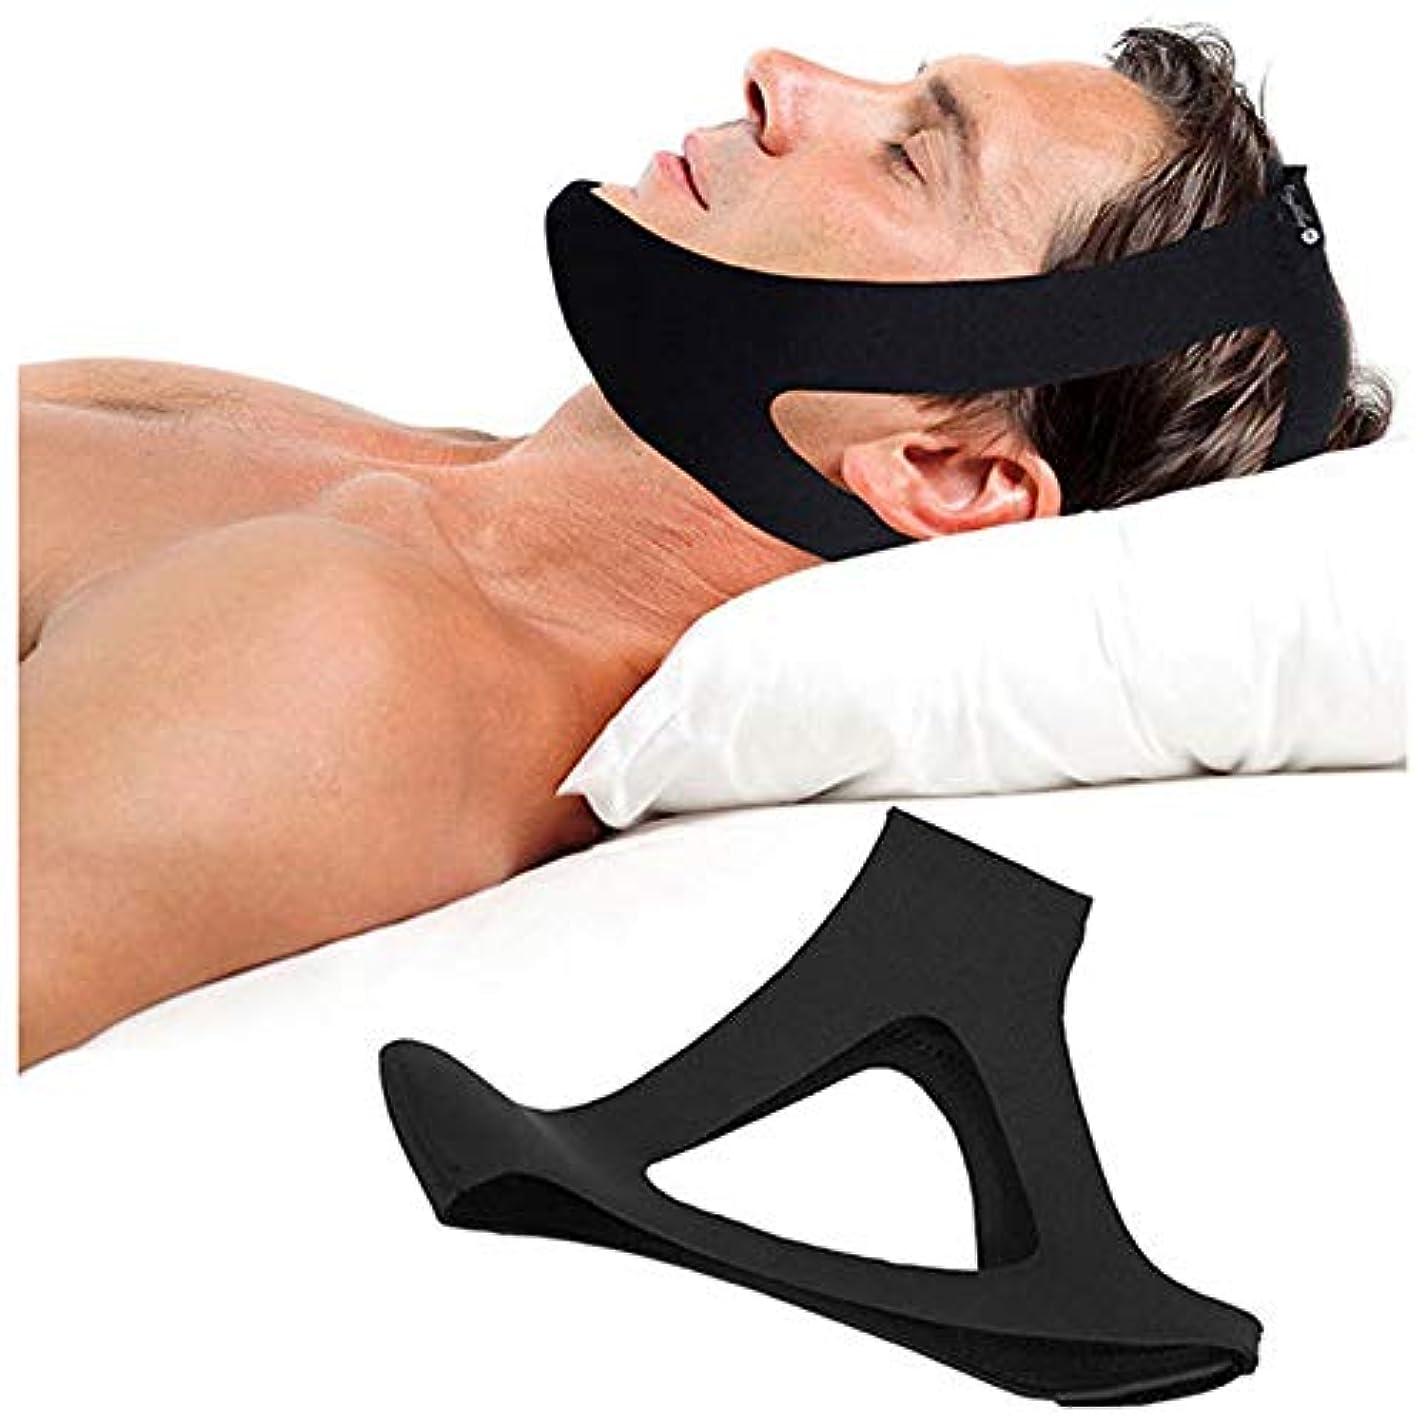 勝者条約報酬アンチいびきあごストラップ停止いびきいびきベルト睡眠時無呼吸あごサポートストラップ女性男性ナイト睡眠補助ツールフェイスリフトツール,A